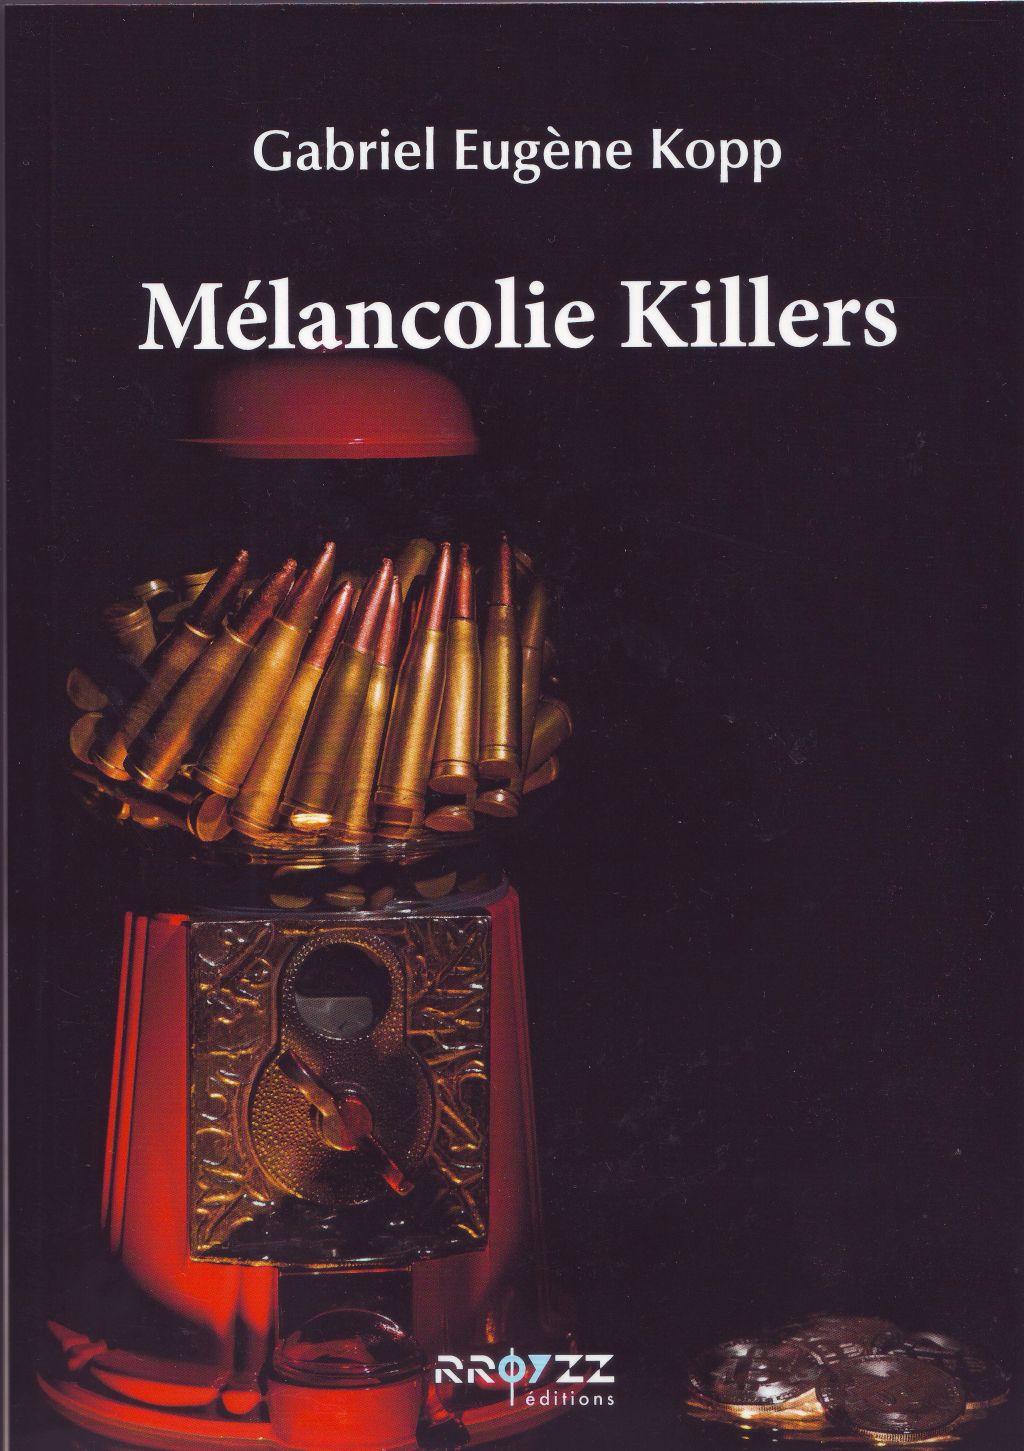 Mélancolie Killers